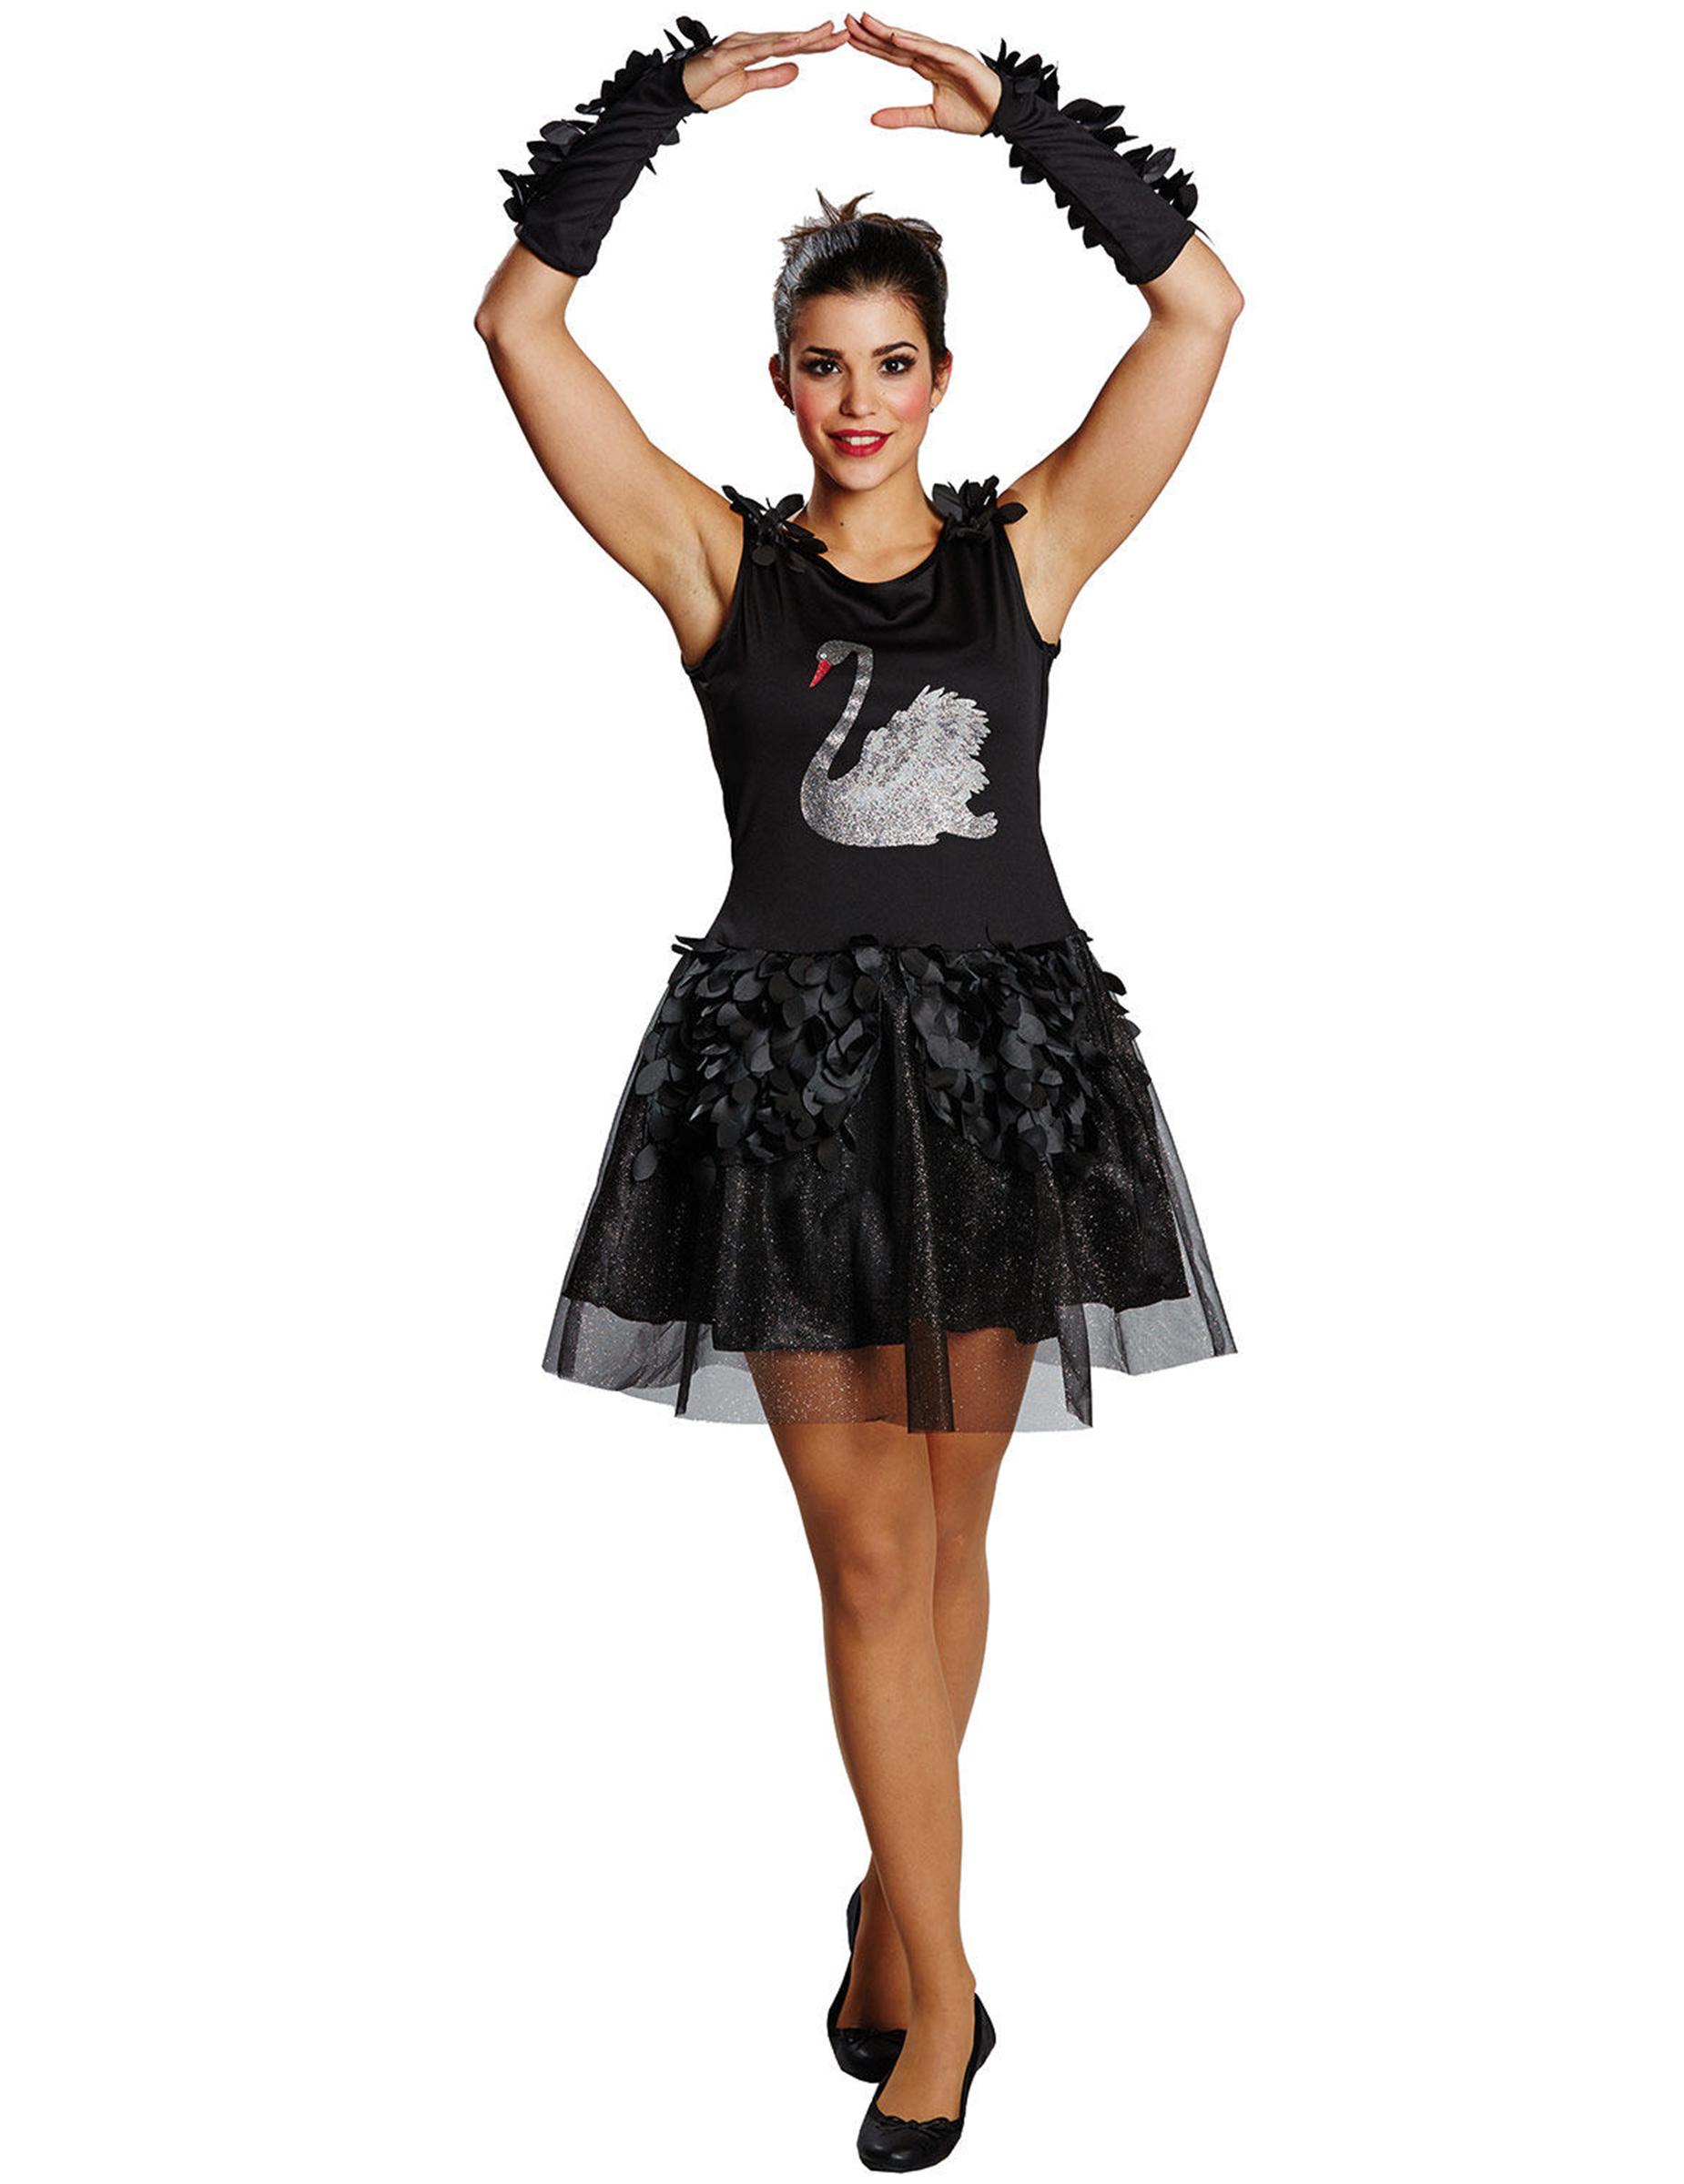 695dcb85afe Déguisement danseuse cygne femme   Deguise-toi